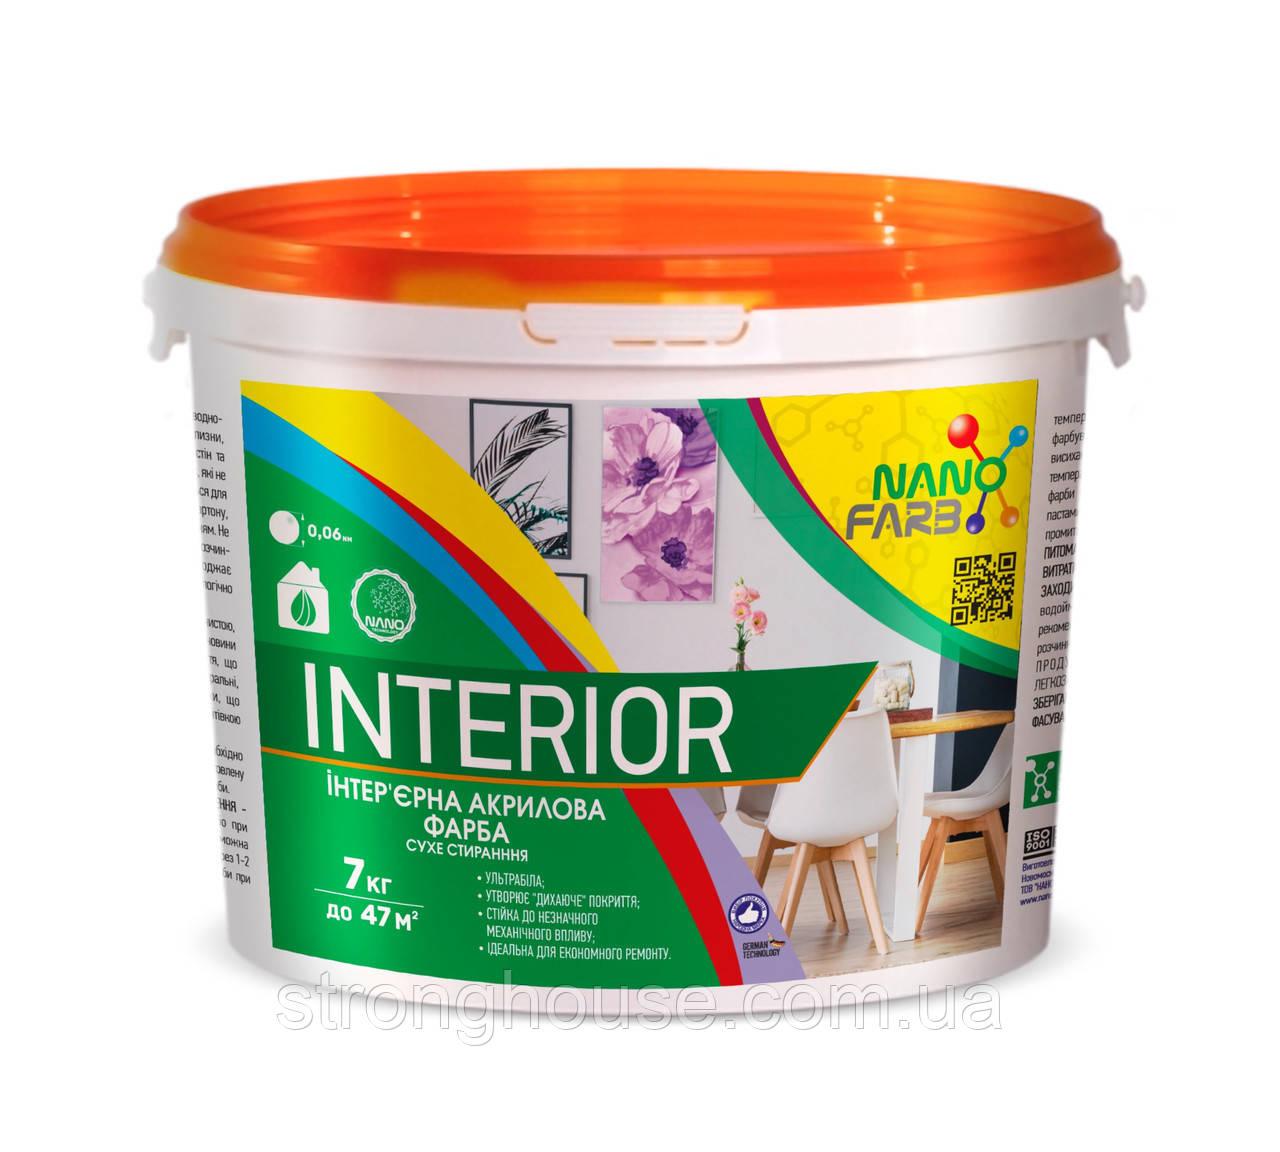 Интерьерная акриловая краска сухое стирание Interior Nano farb 7 кг